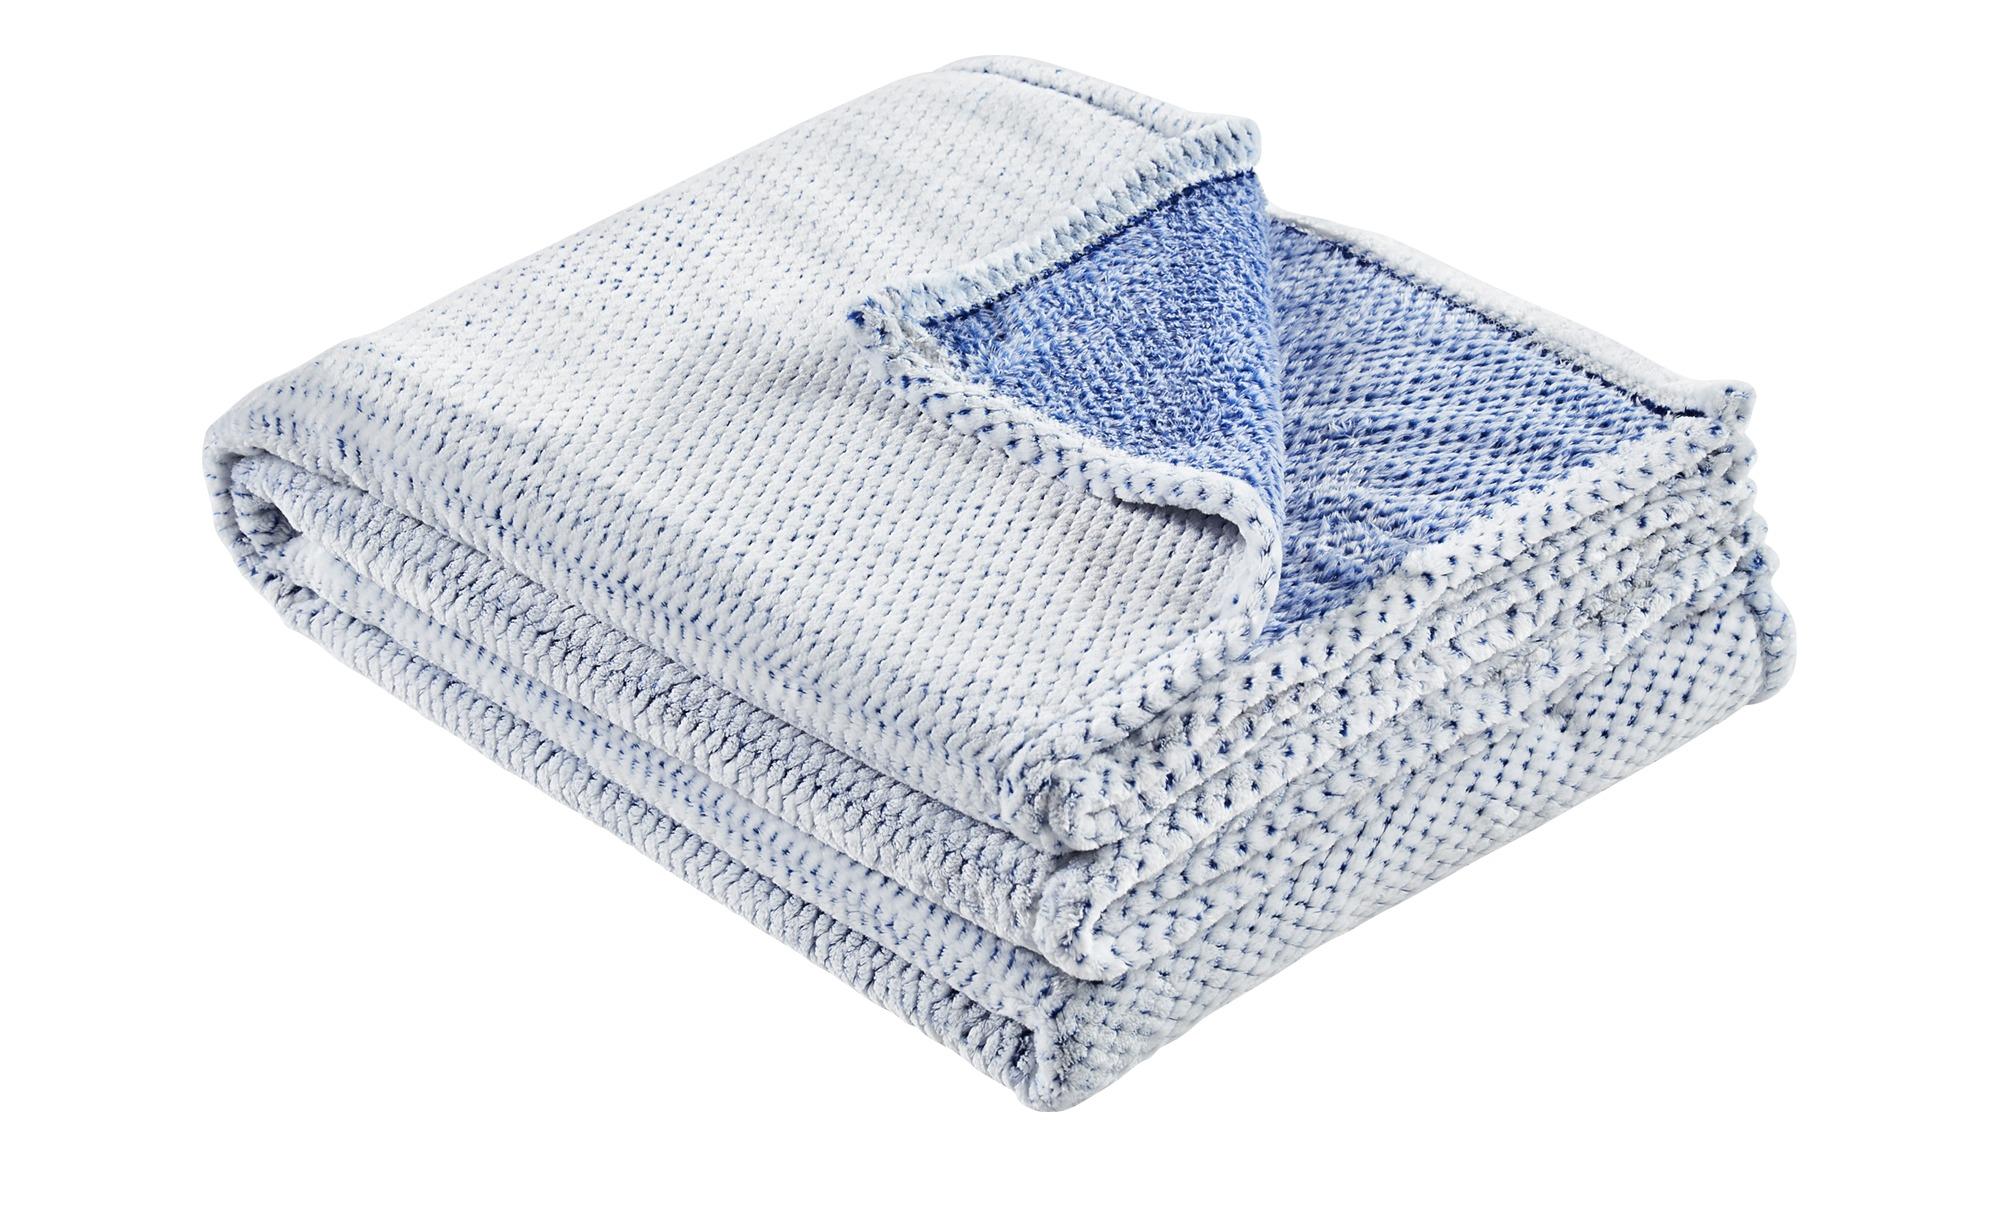 LAVIDA Coralfleecedecke Coralfleecedecke Mini Mi ¦ blau ¦ 100% Polyester  ¦ Maße (cm): B: 150 Heimtextilien > Kuscheldecken - Höffner